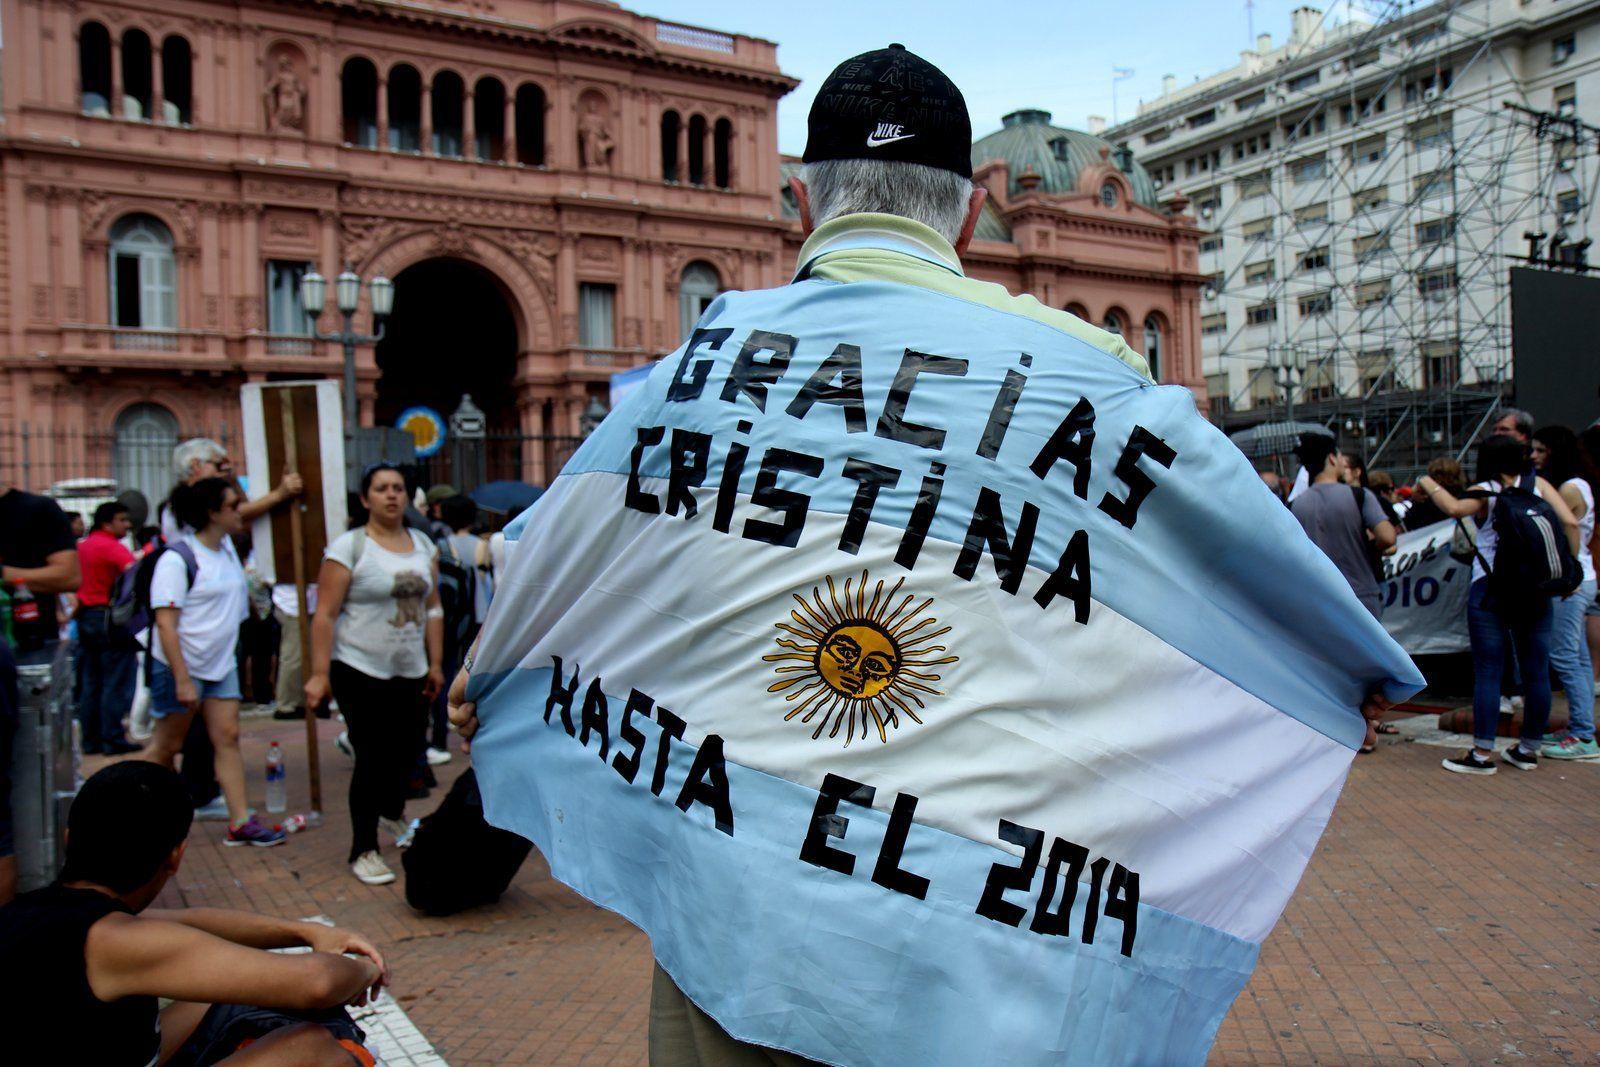 Cristina ante una multitud: En mi vida pensé que iba a ver un presidente cautelar durante 12 horas en mi país